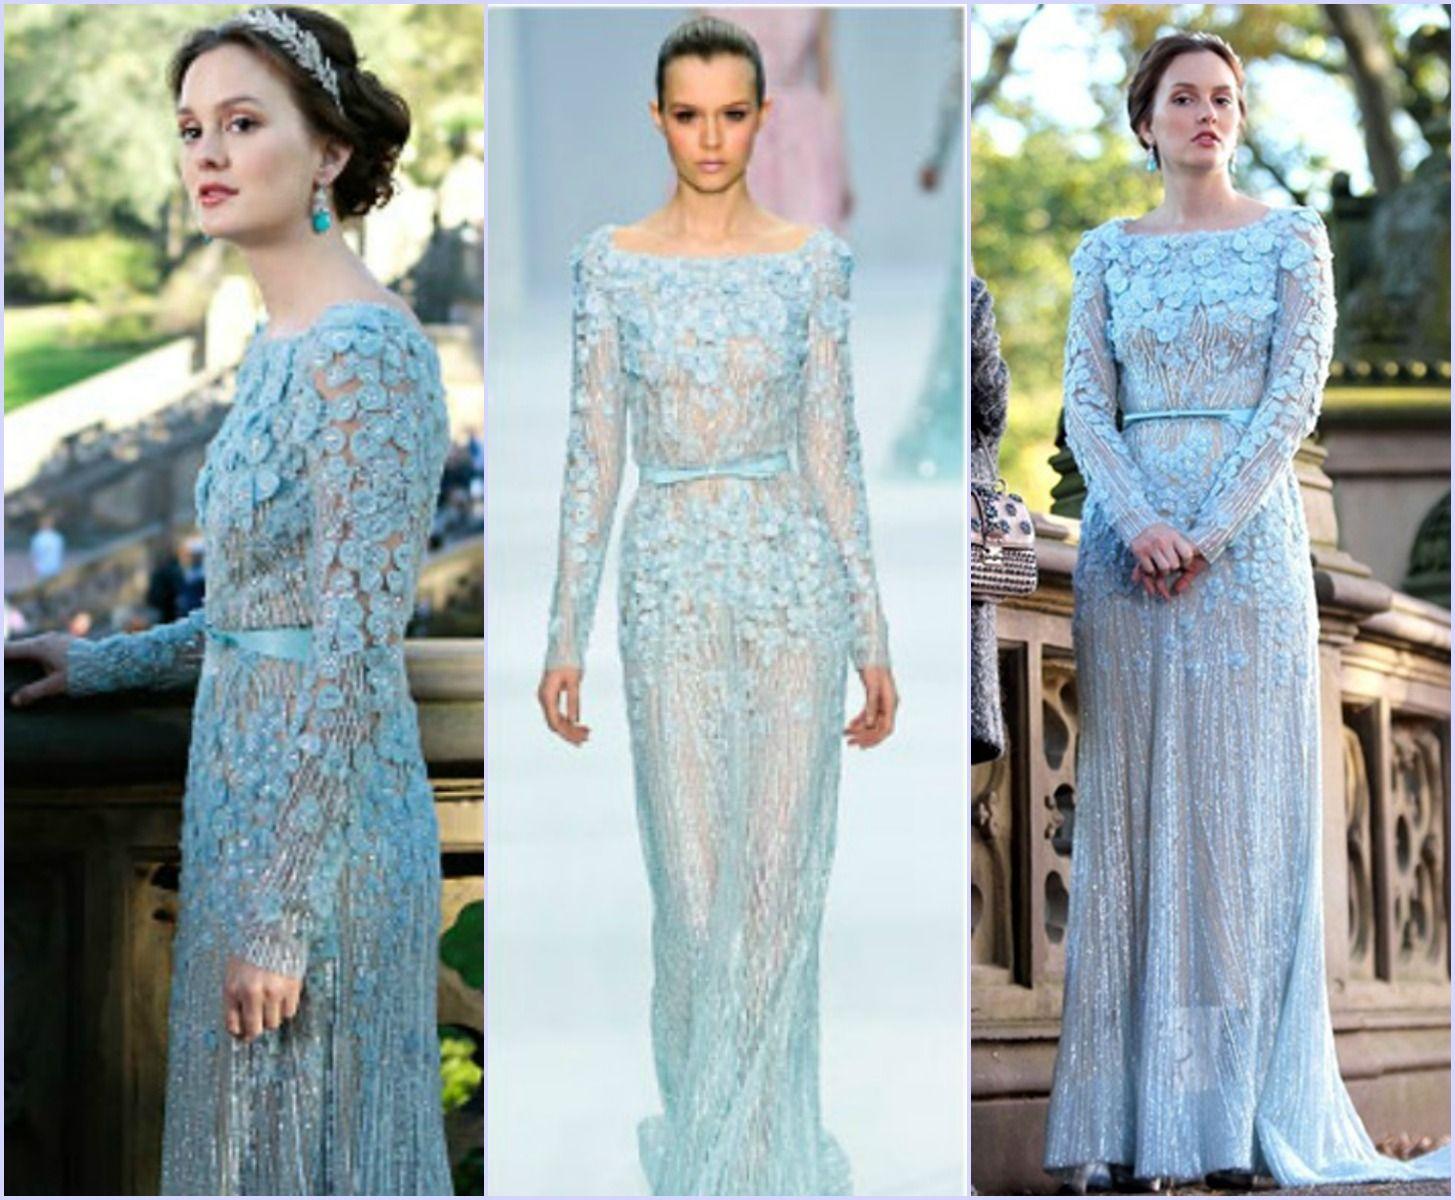 elie saab wedding dresses - Поиск в Google   wedding   Pinterest